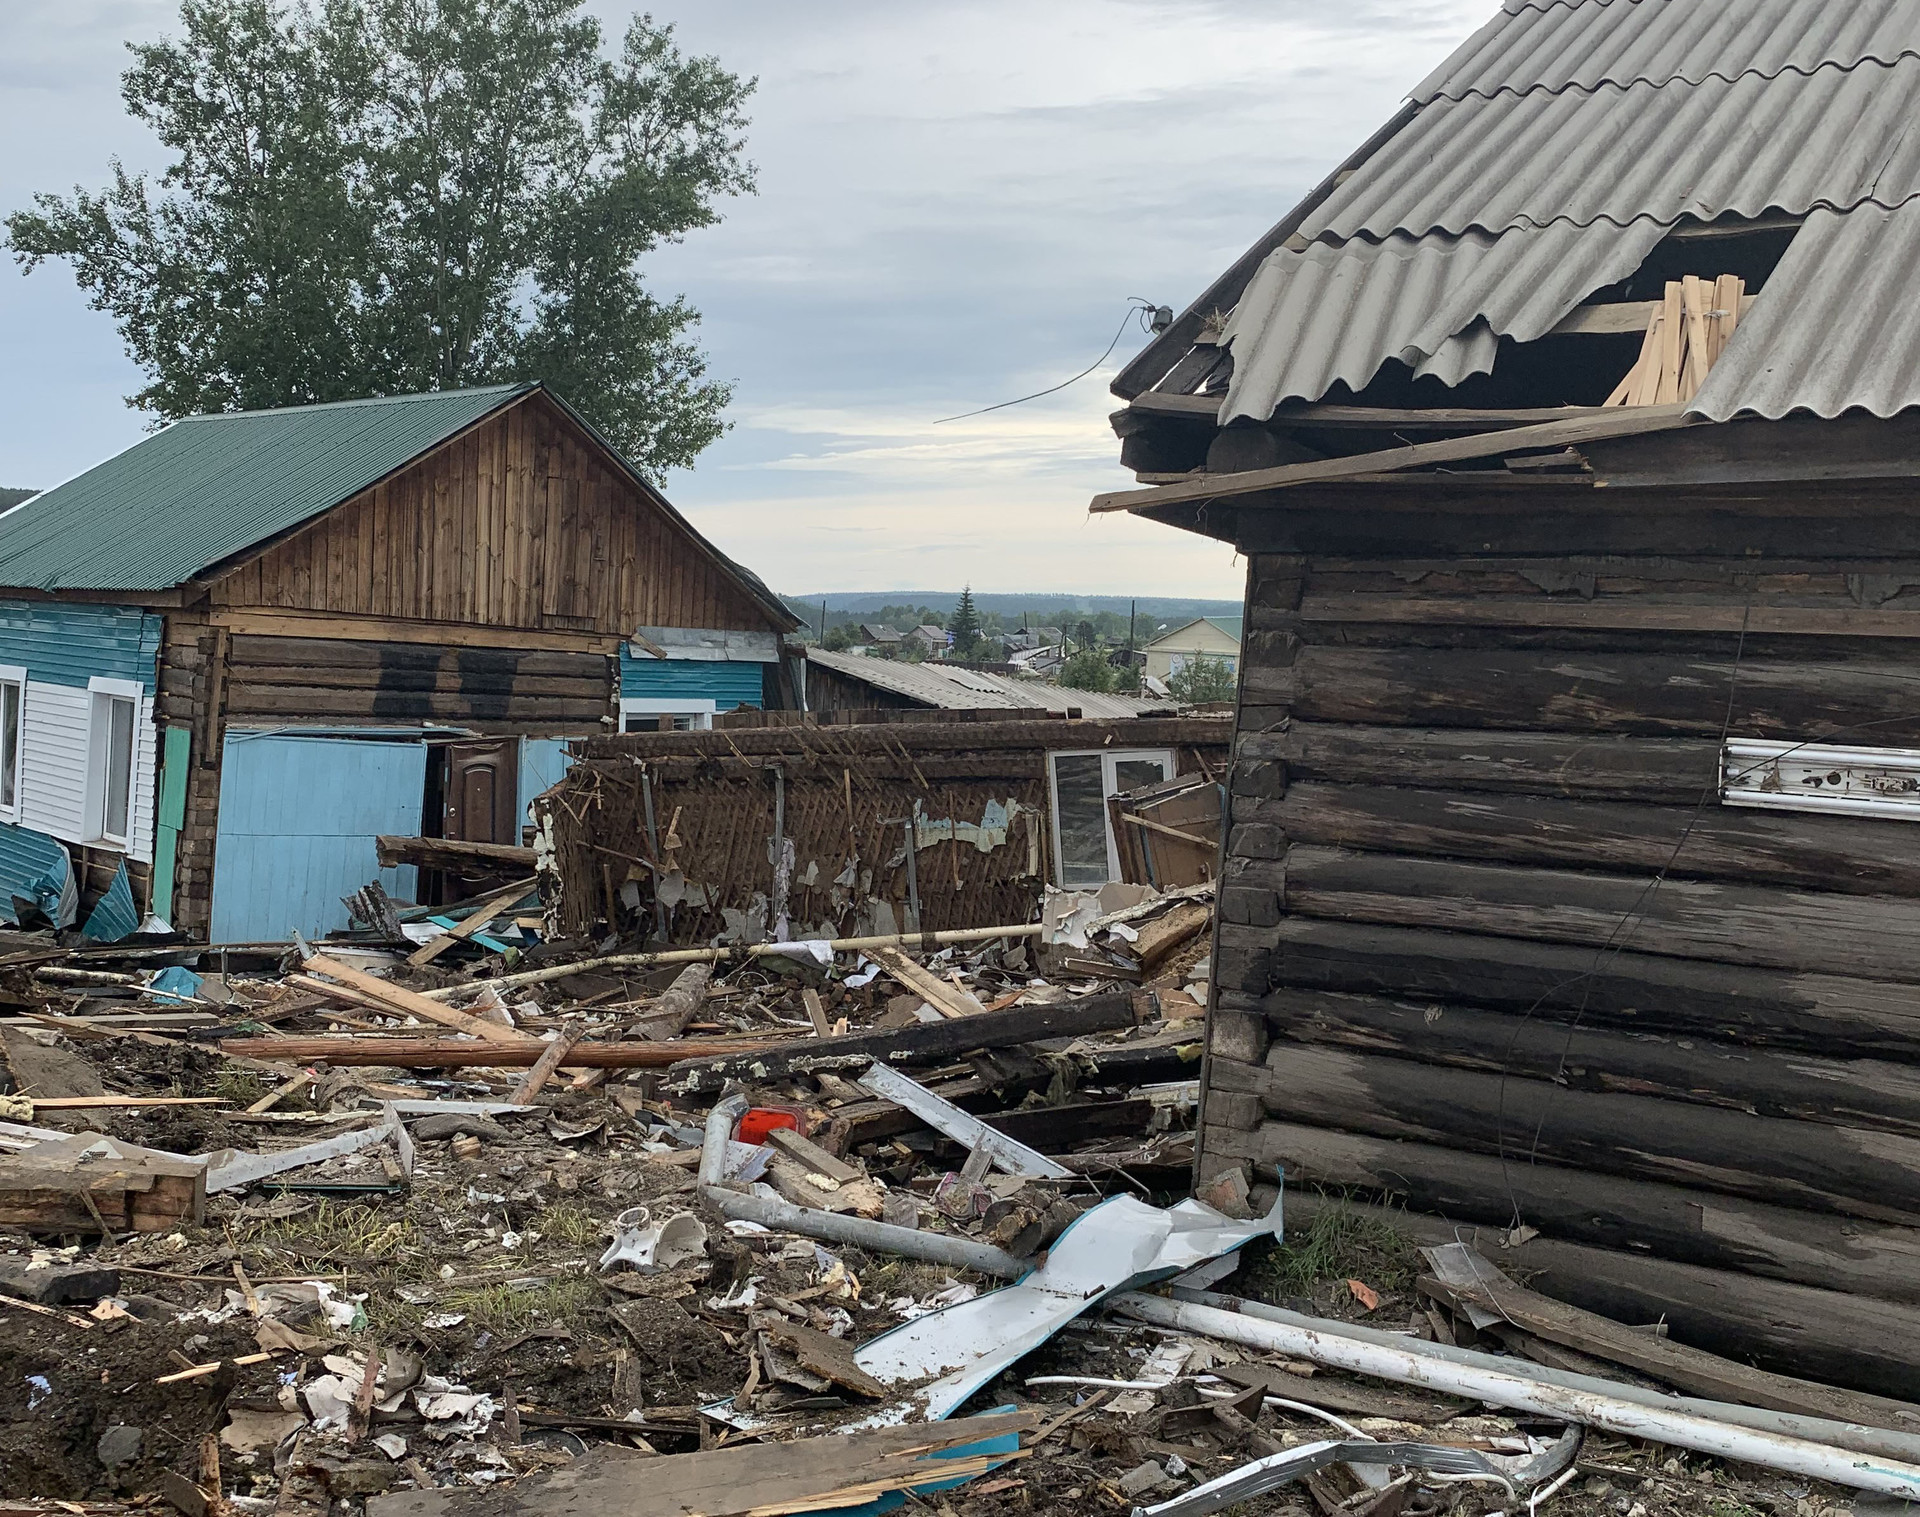 В Тулуне и окрестностях встречаются такие странности: из ряда домов унесло стихией только некоторые, остальные стоят на своих местах